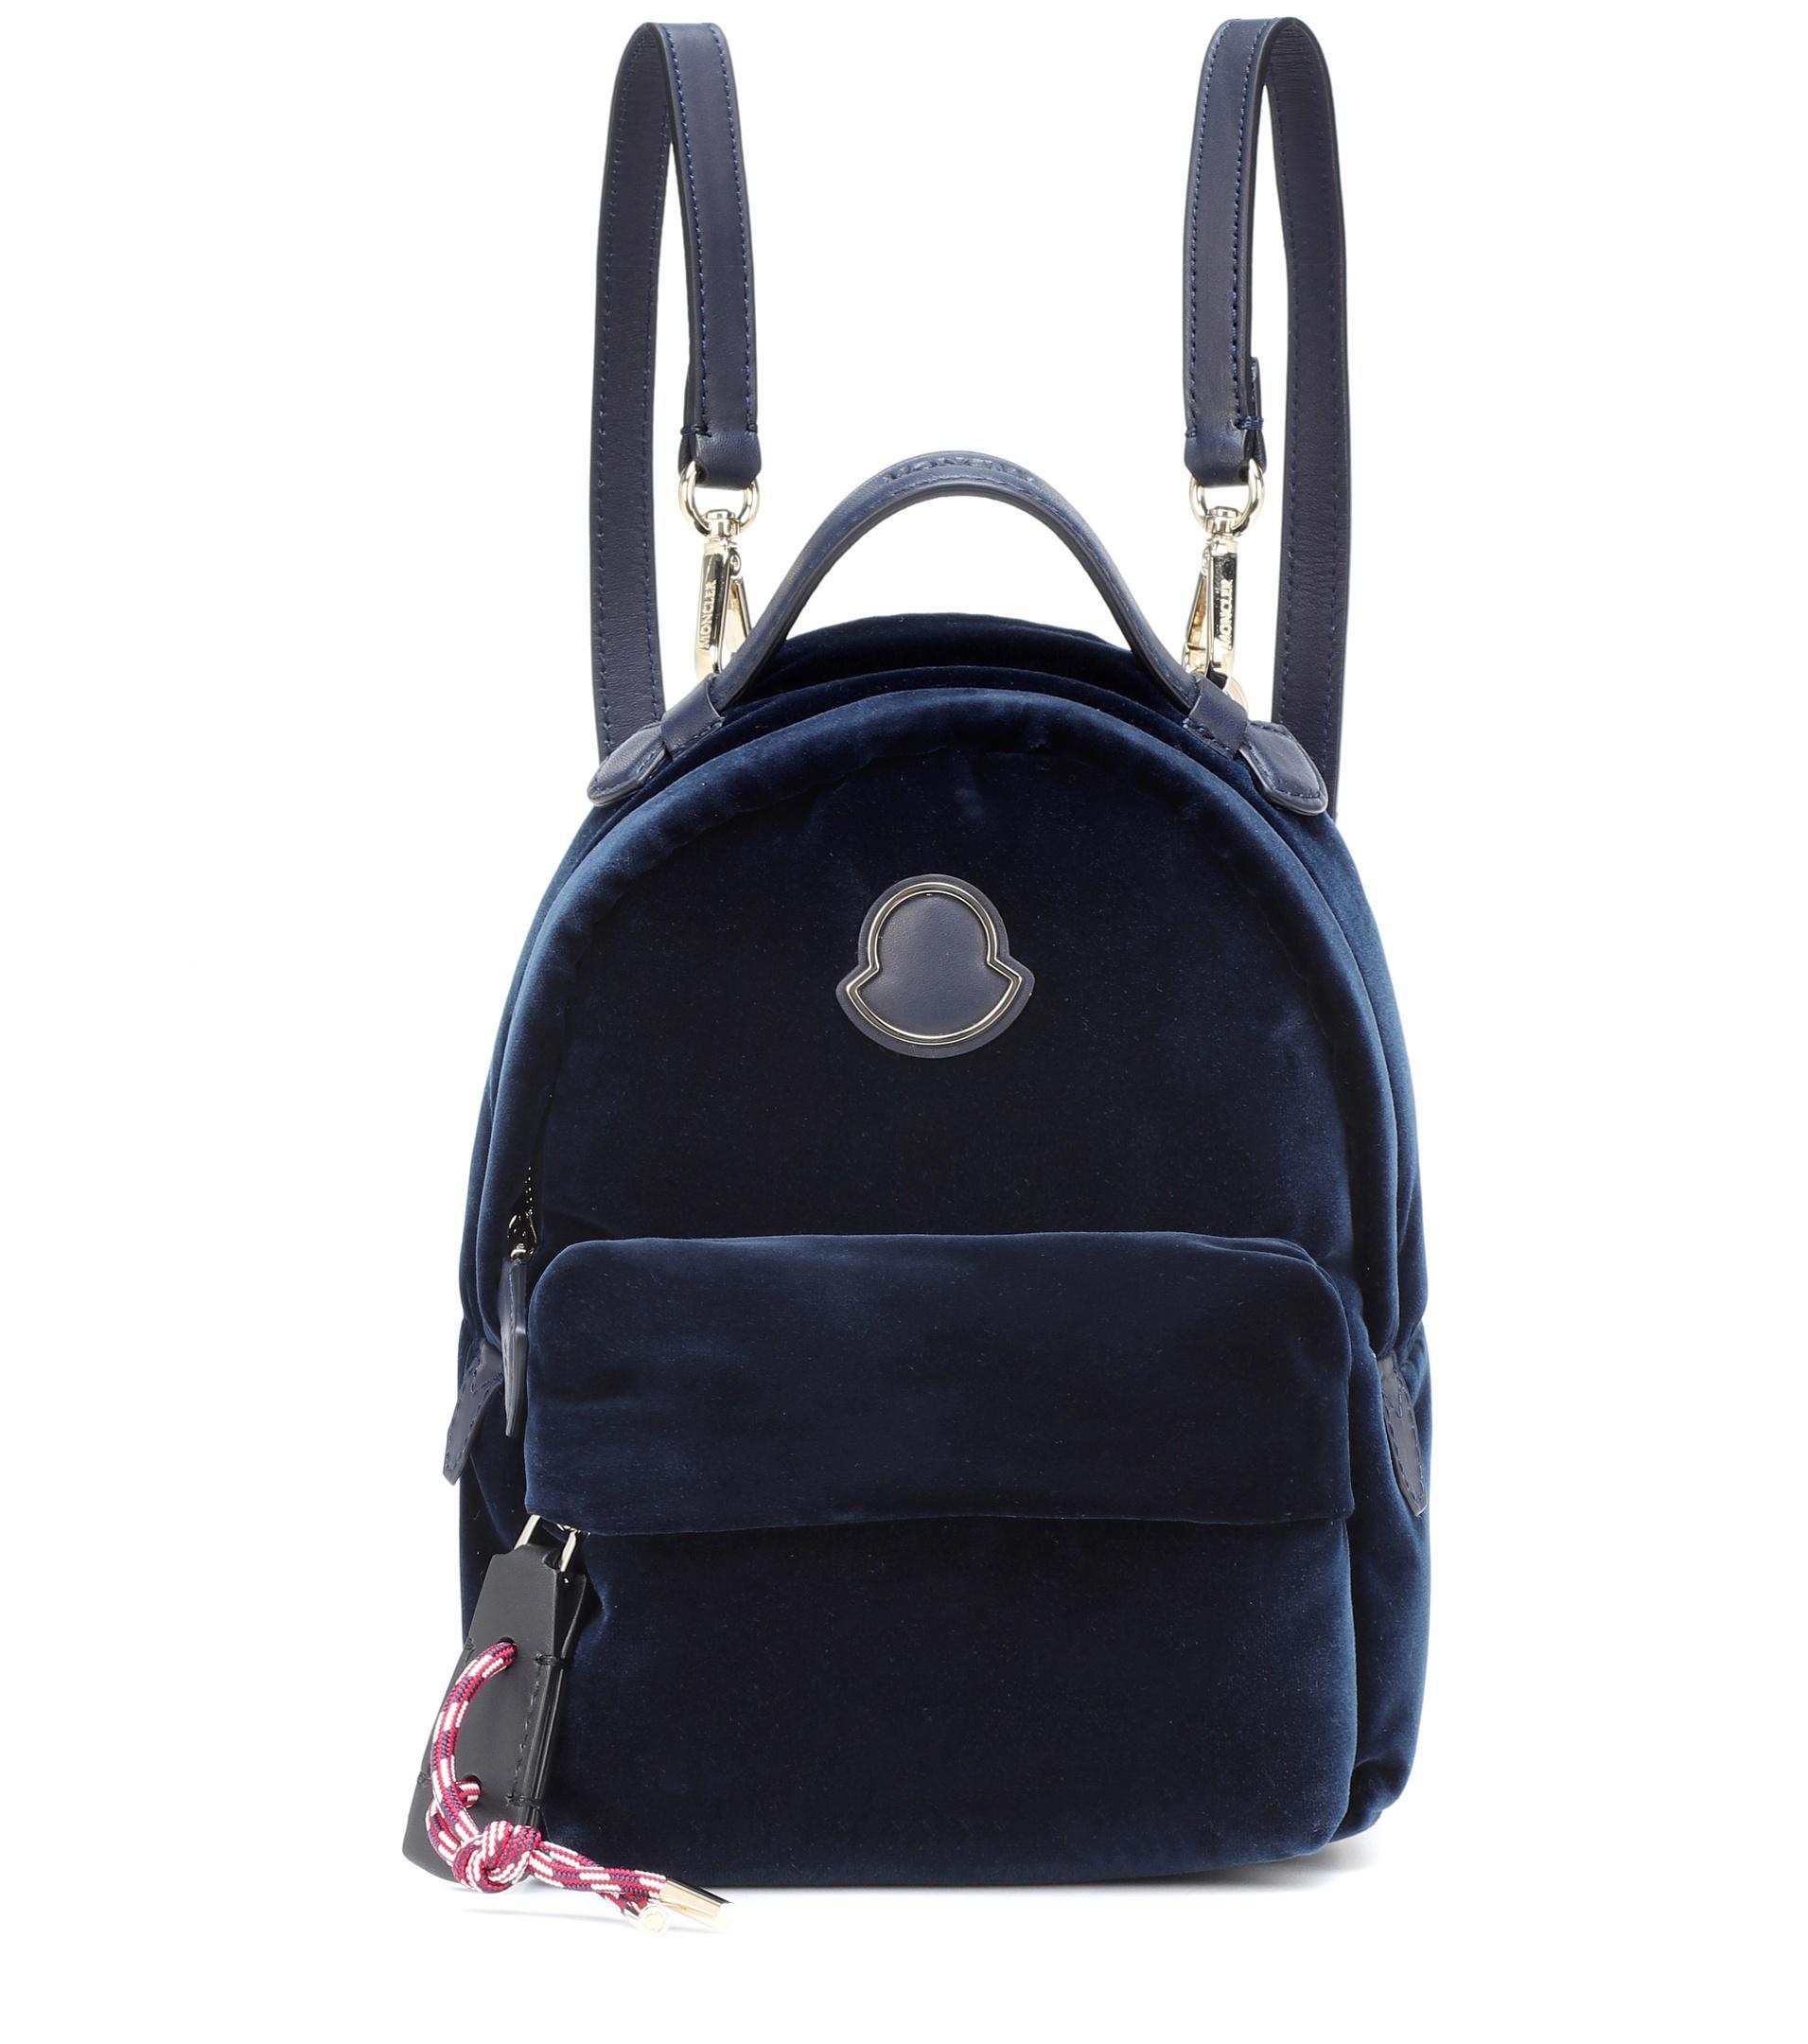 6c4108cef Moncler Juniper Backpack in Blue - Save 39% - Lyst